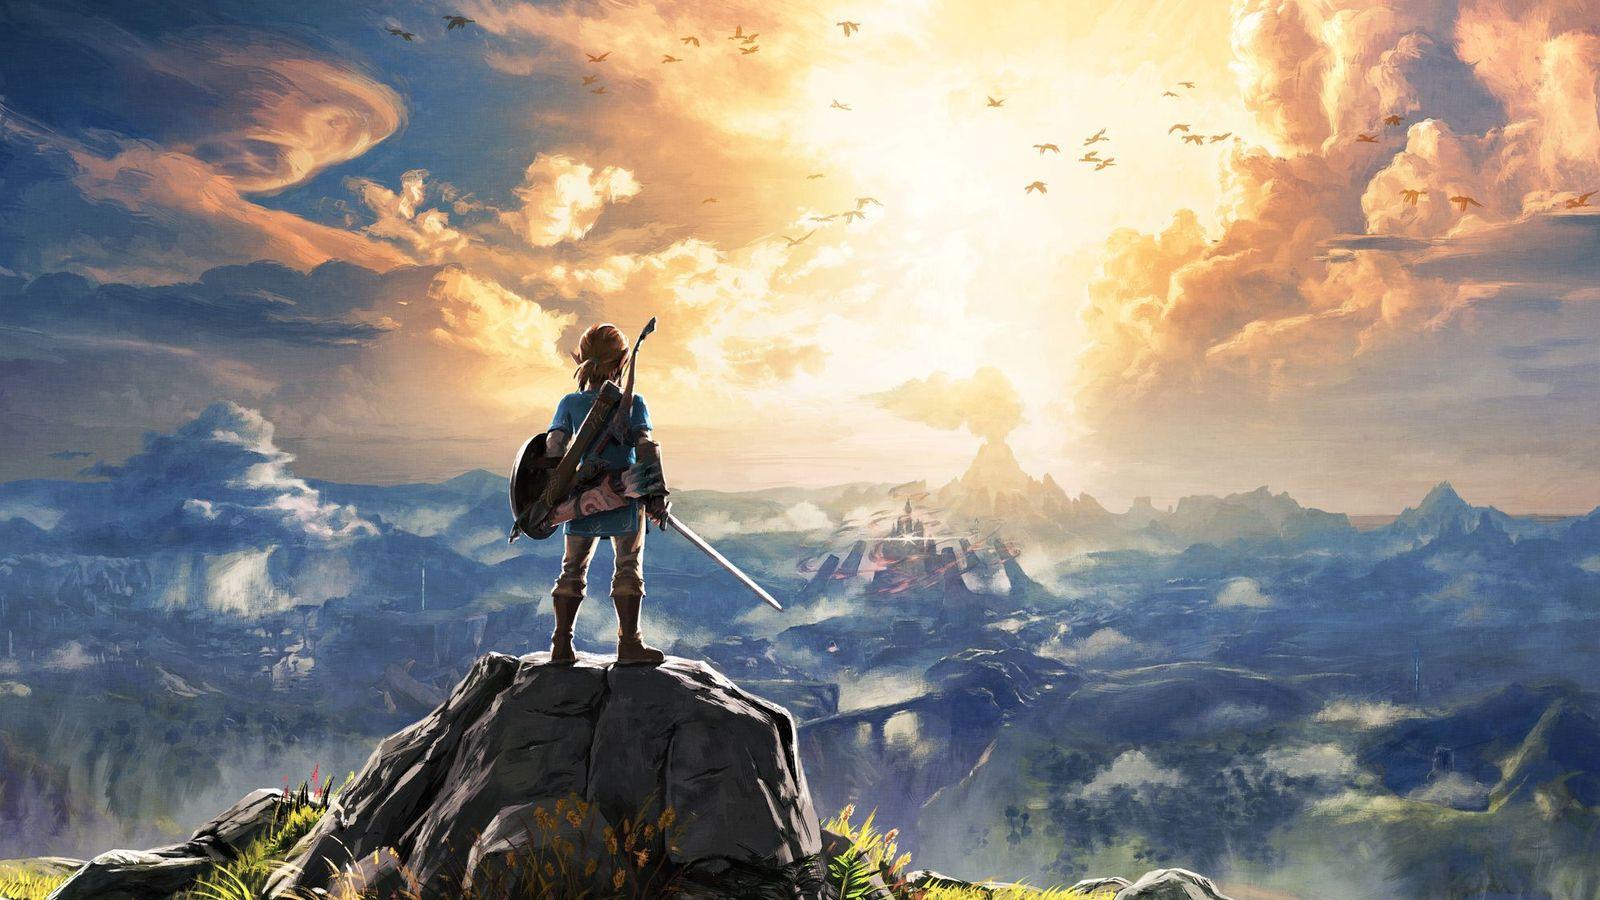 jeu vidéo et médiatisation - Zelda